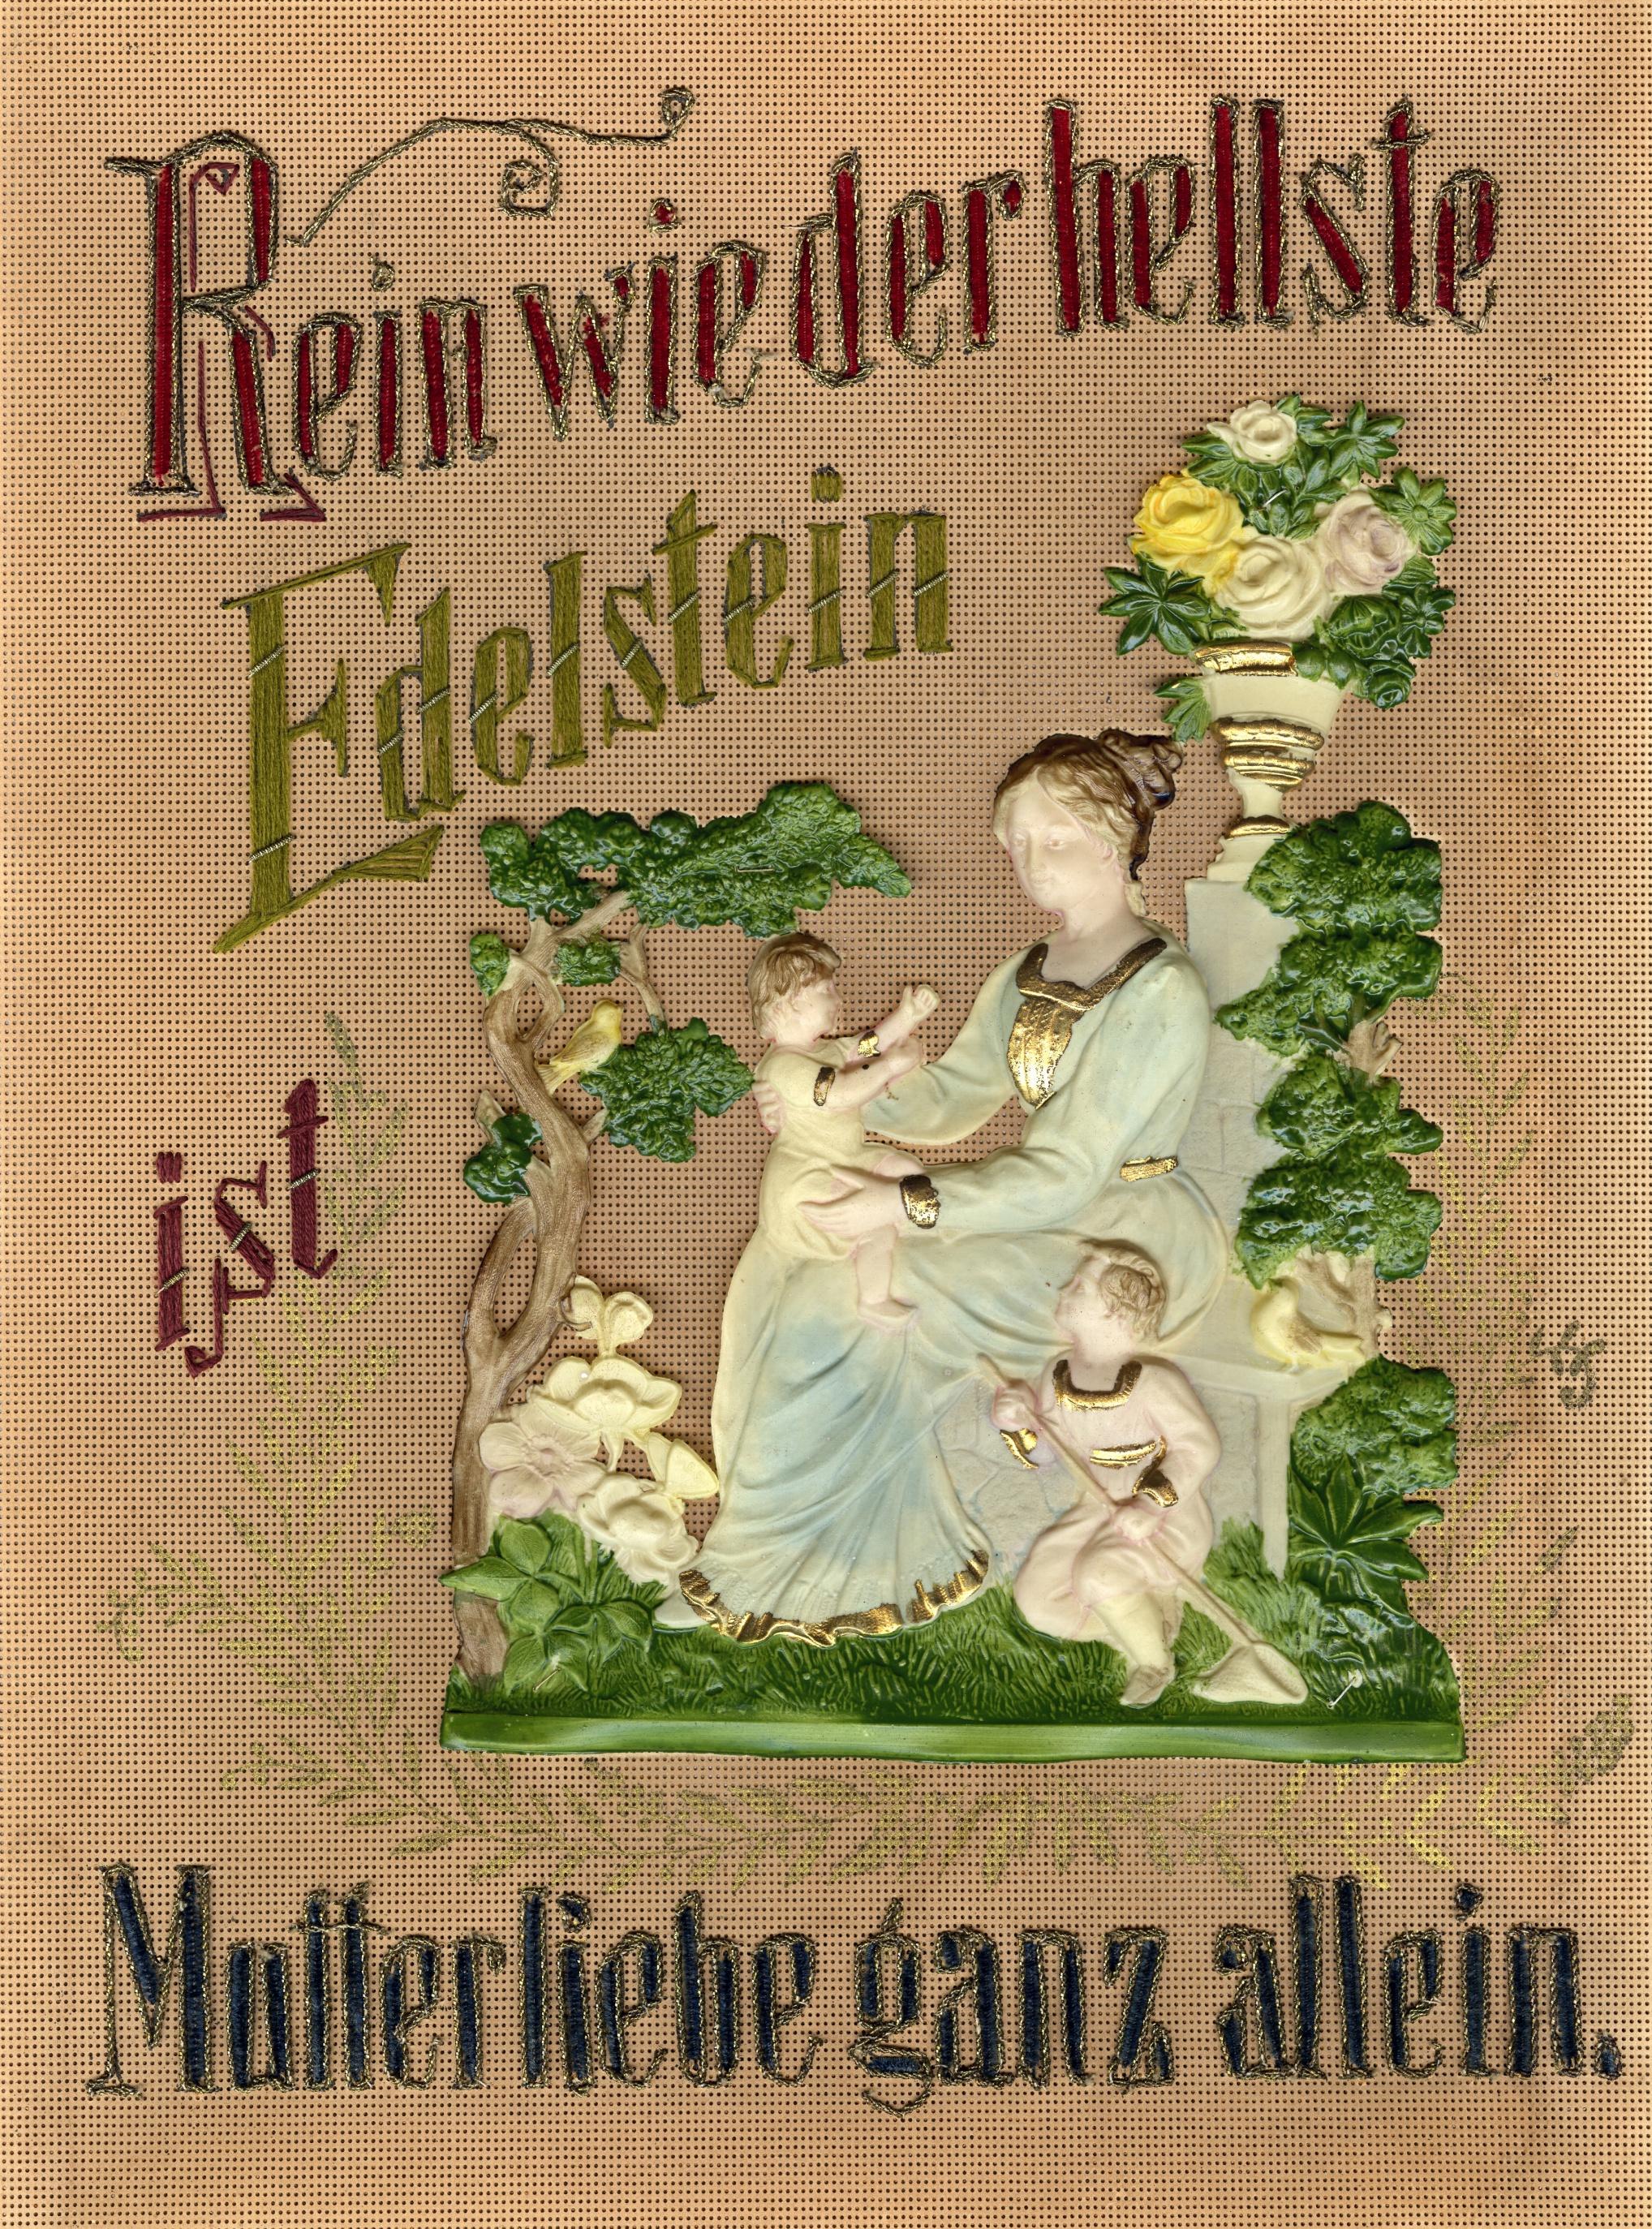 Sinnspruch für Mütter, 48,6 x 38,6 x 2 cm, Stickerei auf Papierkanevas, Chenillefäden, Goldlamé, Kantillenstickerei, Zelluloidprägung (Mutter und Kinder), Bemalung, Bez.: Rein wie der hellste / Edelstein / ist / Mutterliebe ganz allein.